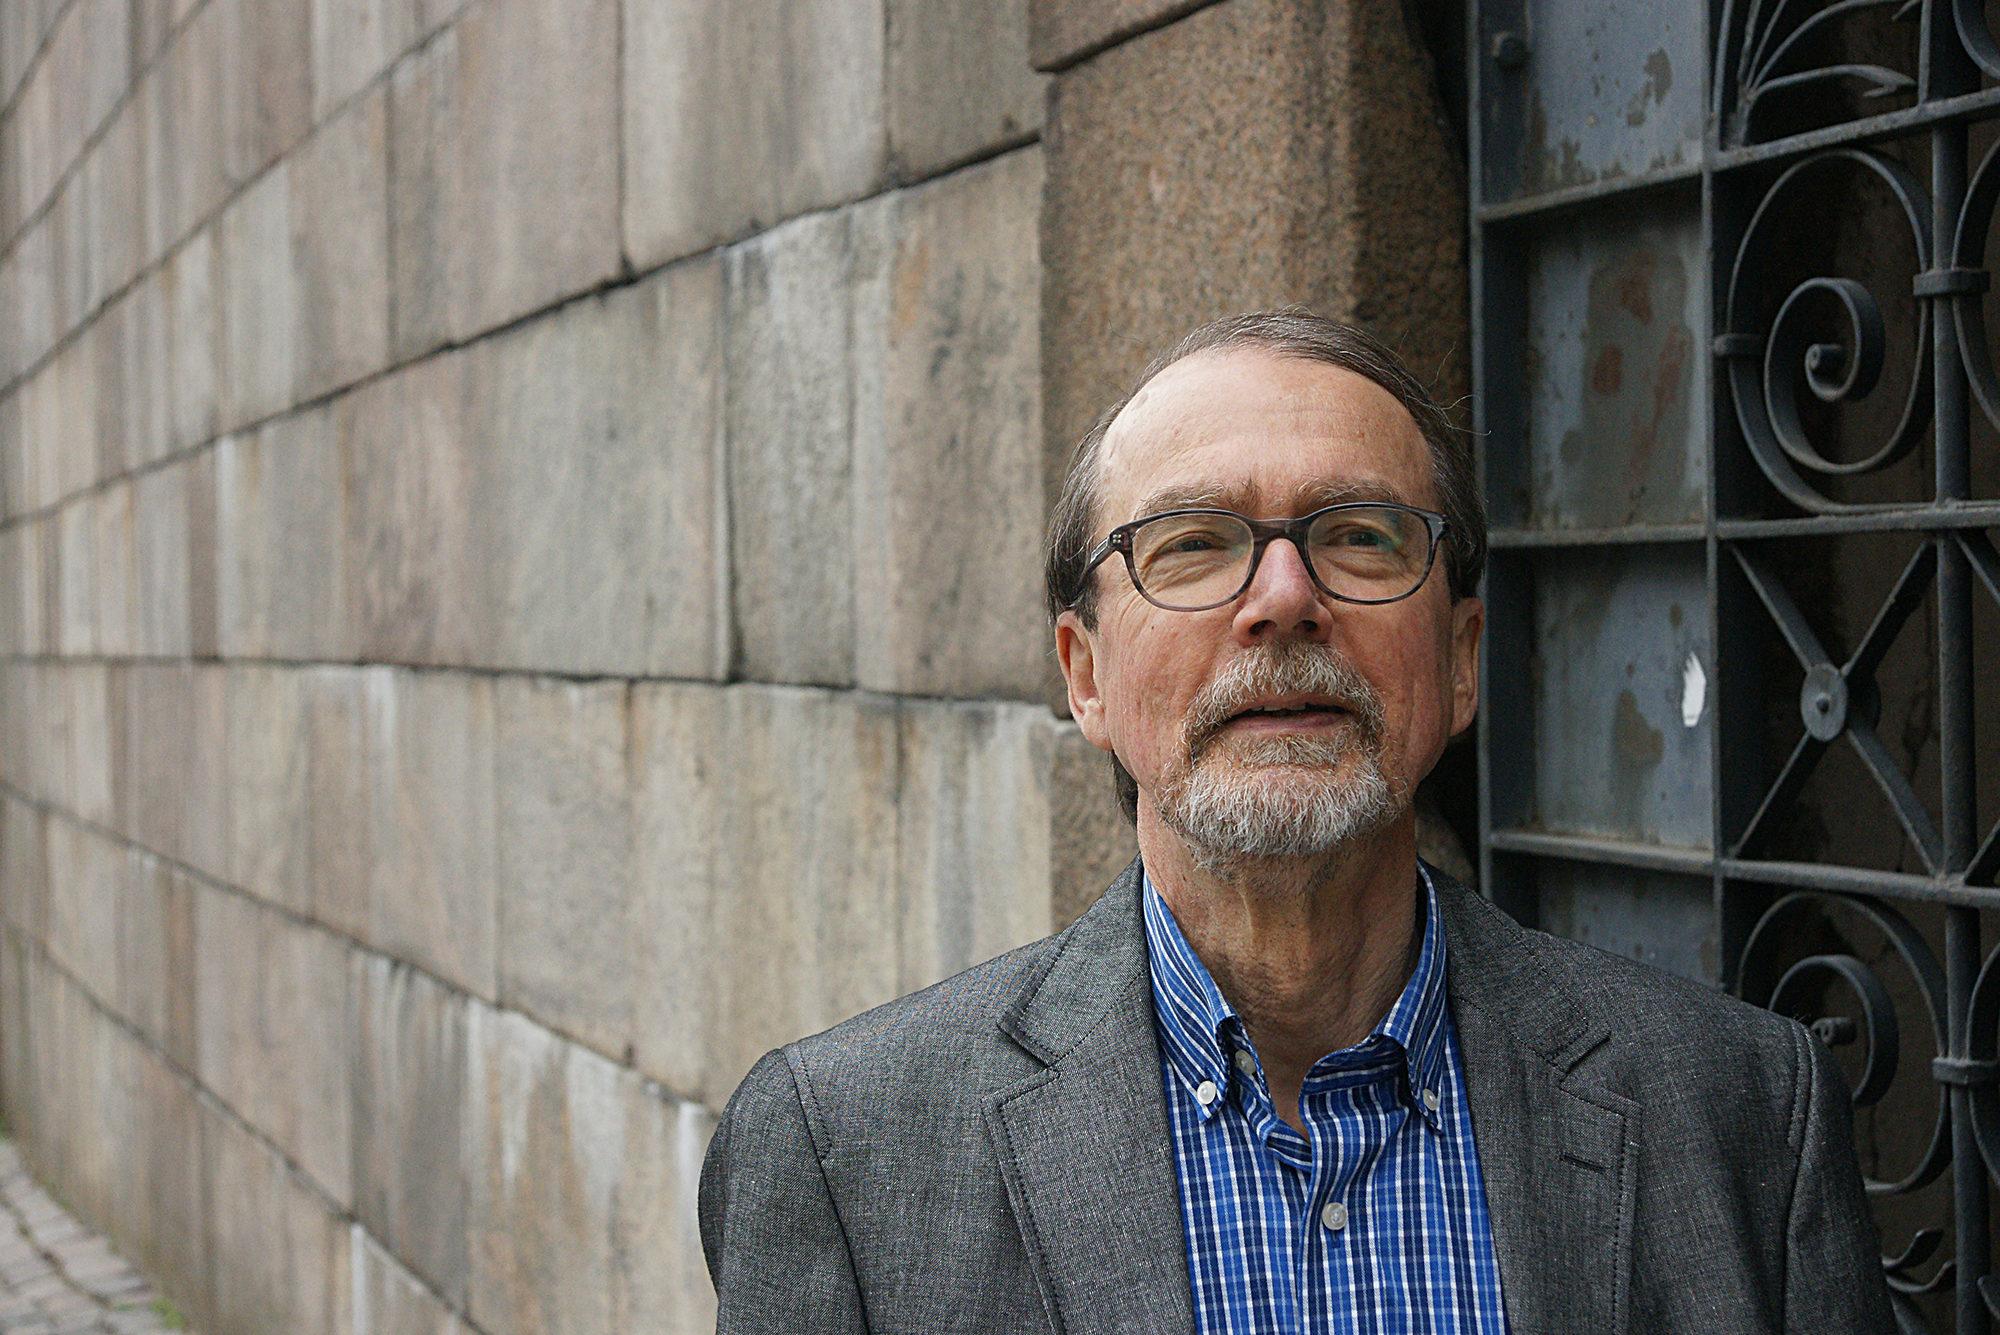 Mikko Heikan mukaan eri uskontojen välillä on enemmän yhteistä kuin erottavaa.